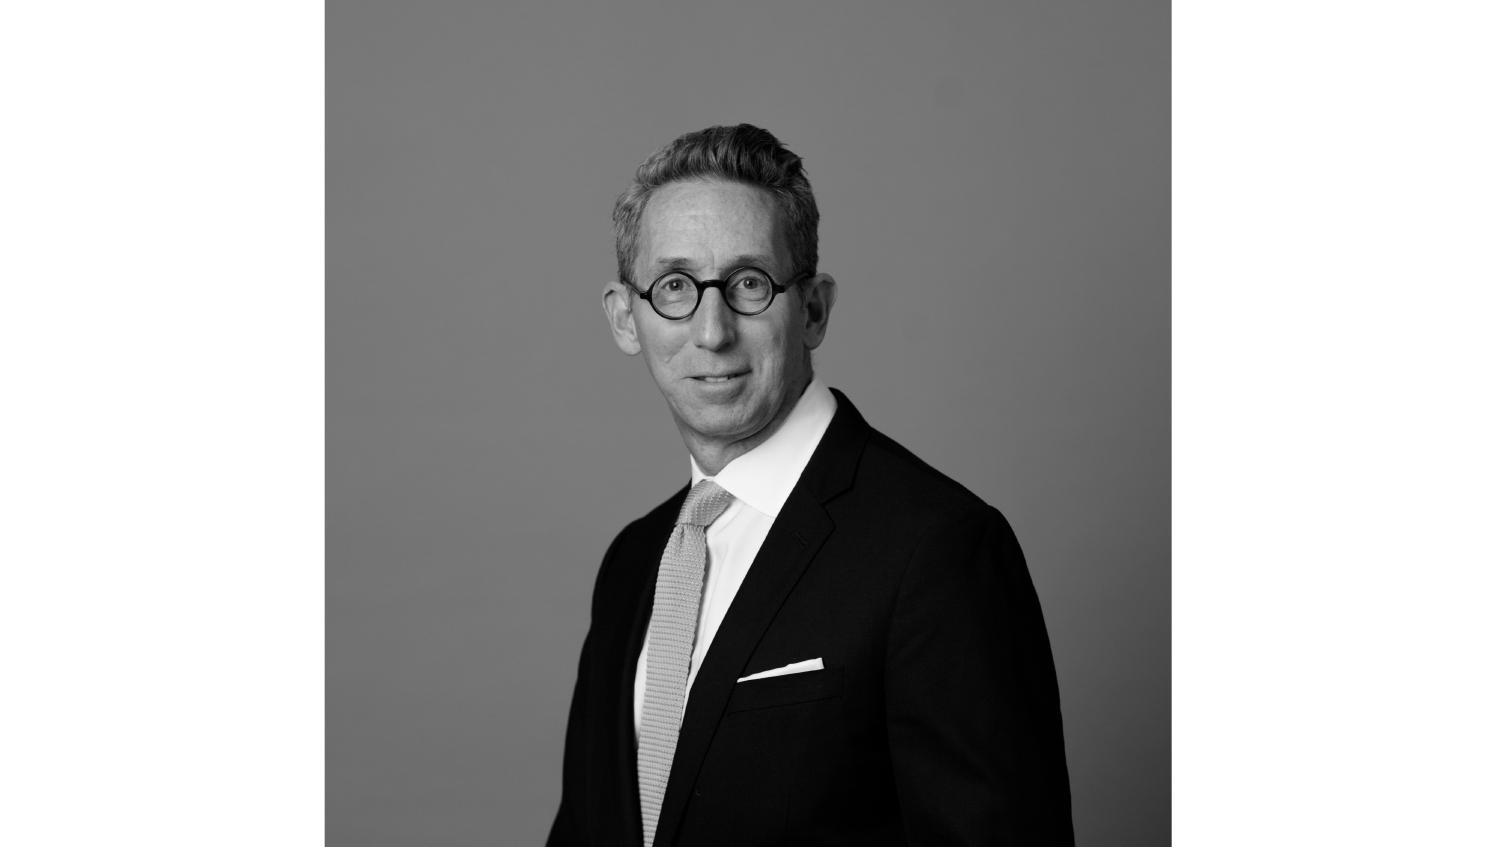 David Rau